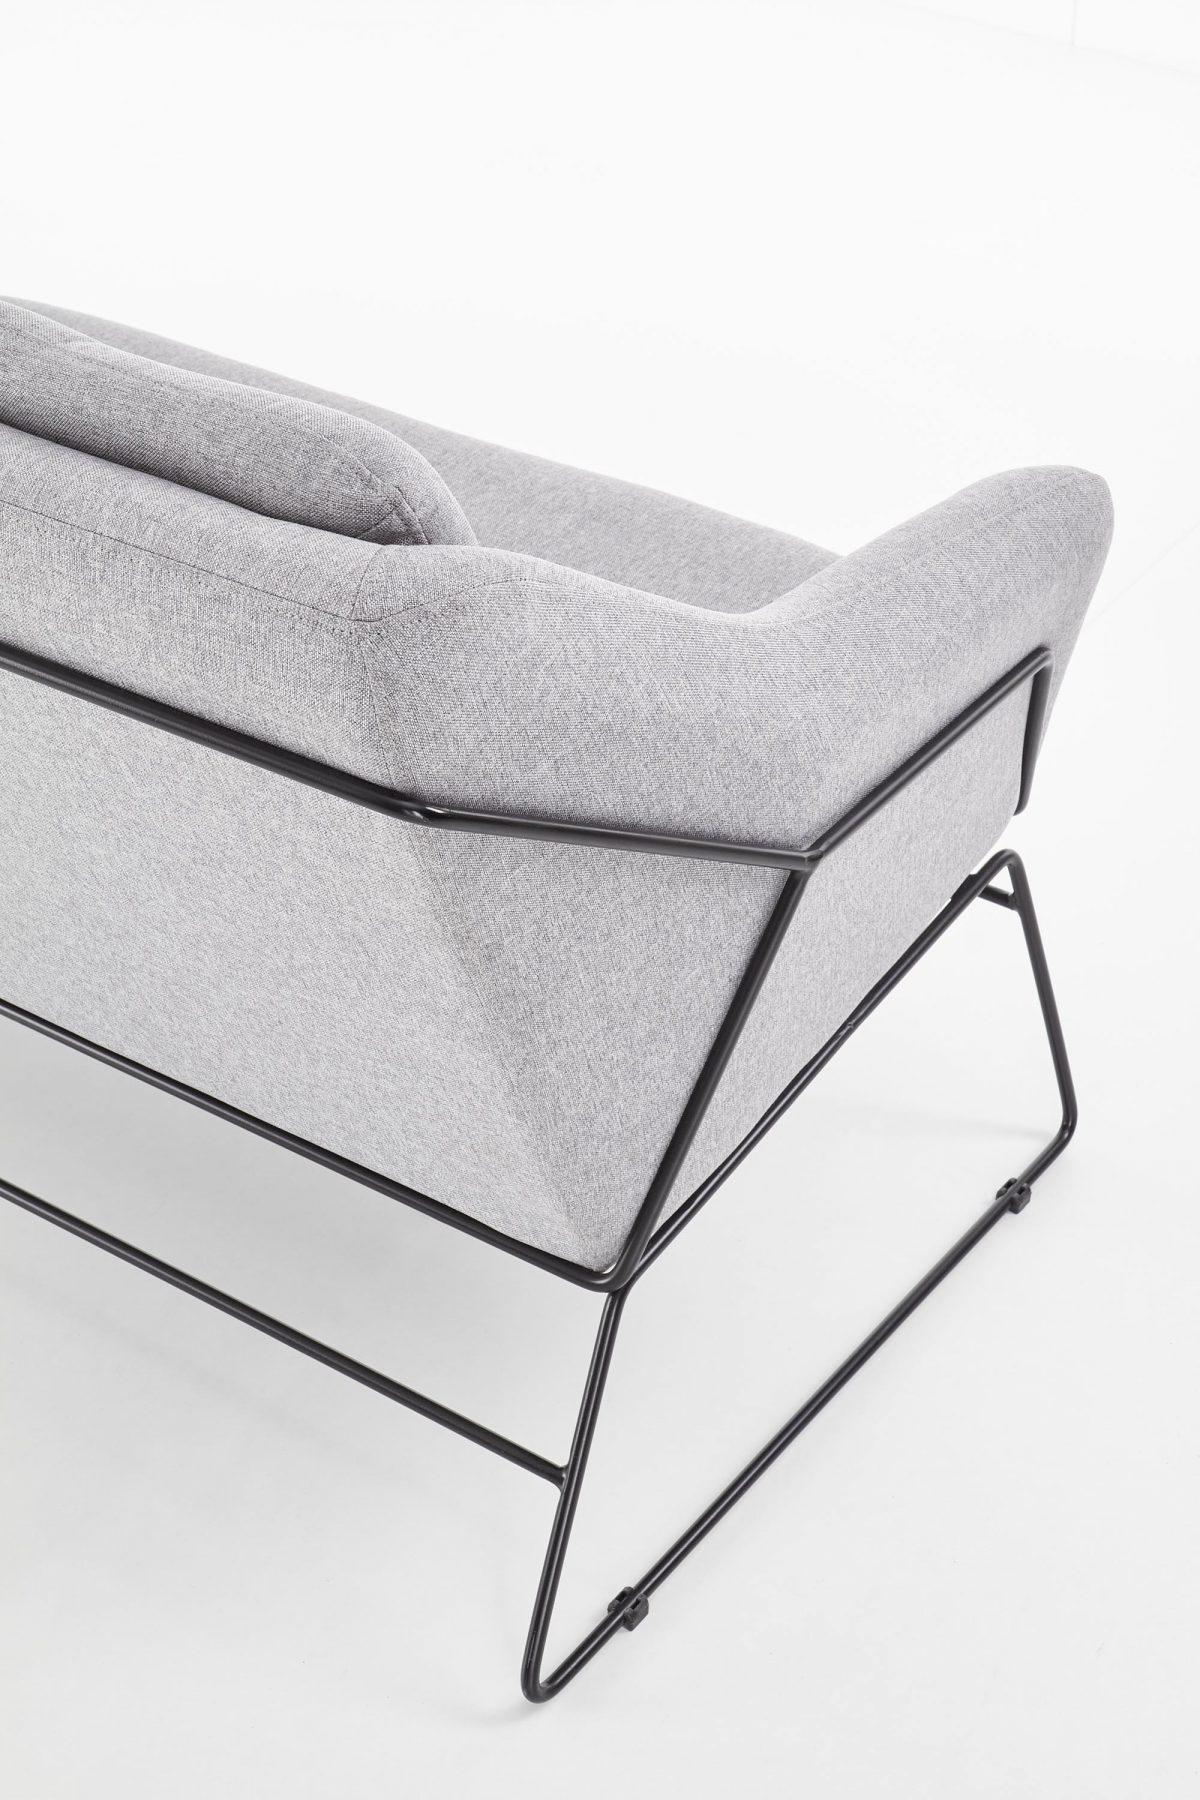 Sofa BH0535